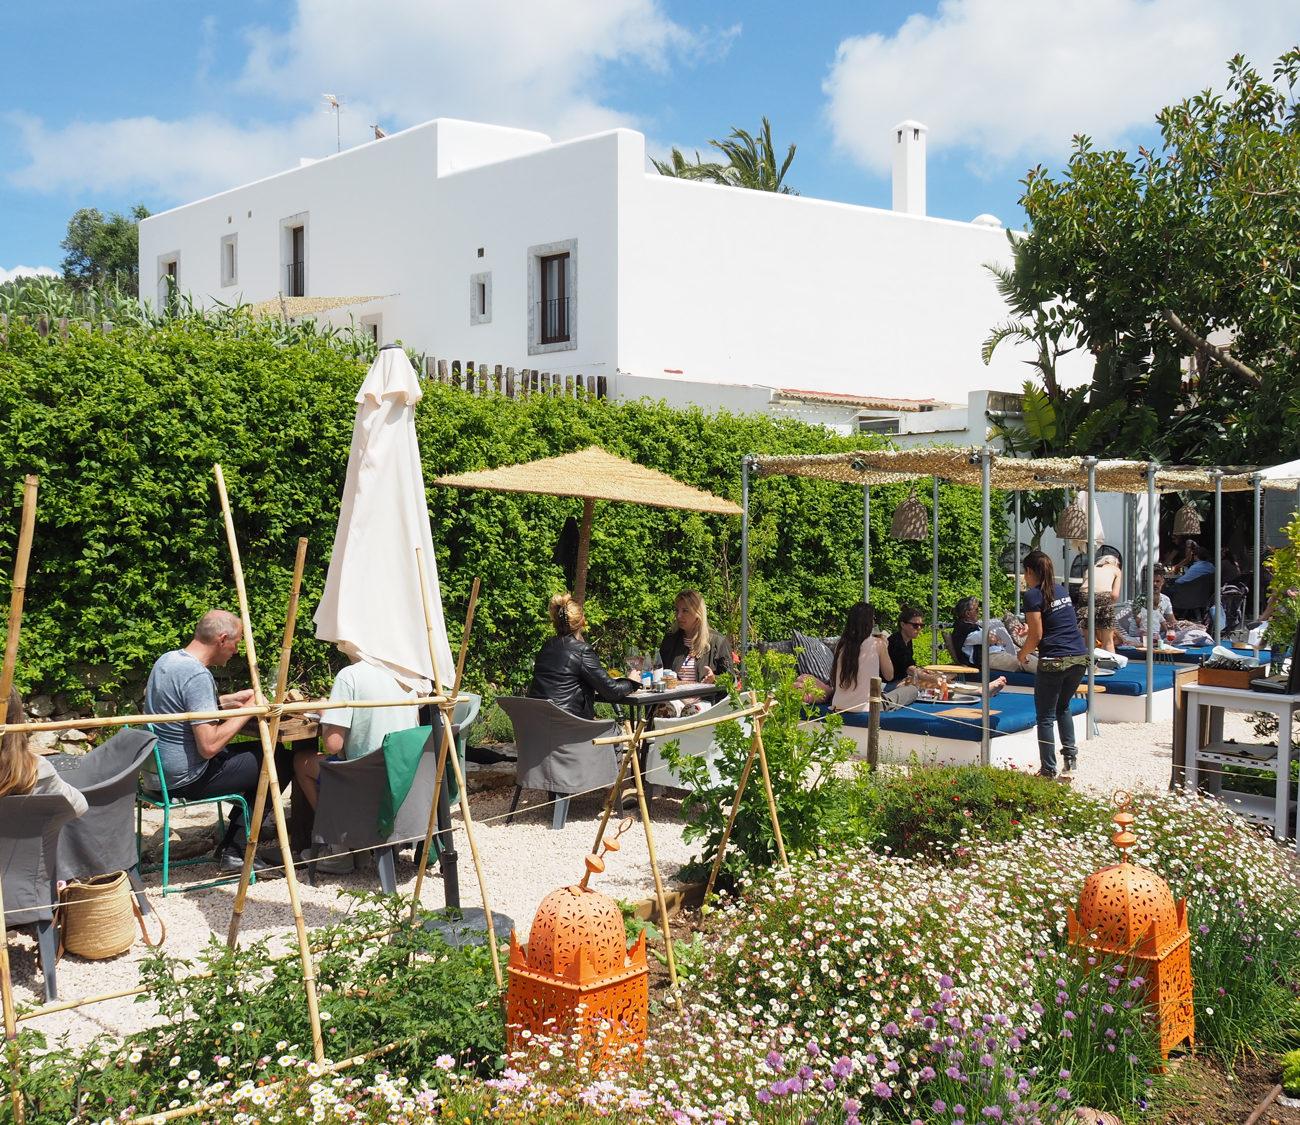 Terras met loungeplekken en tafels waar mensen aan het eten zijn in bloementuin